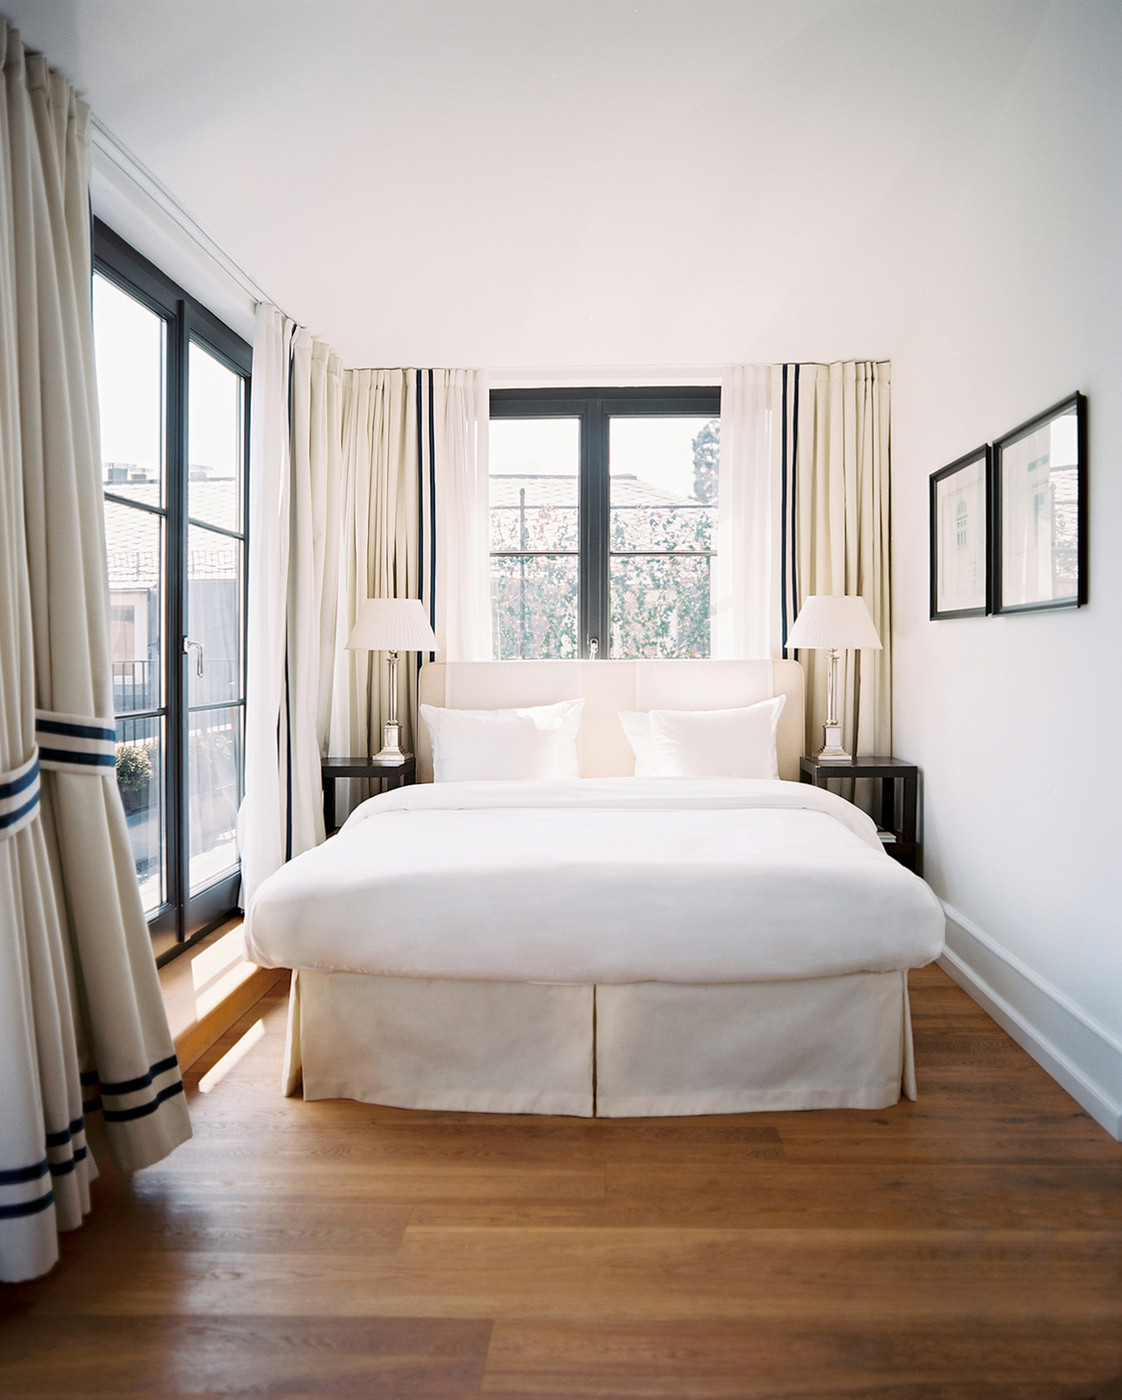 спальня с кроватью у окна фото идеи